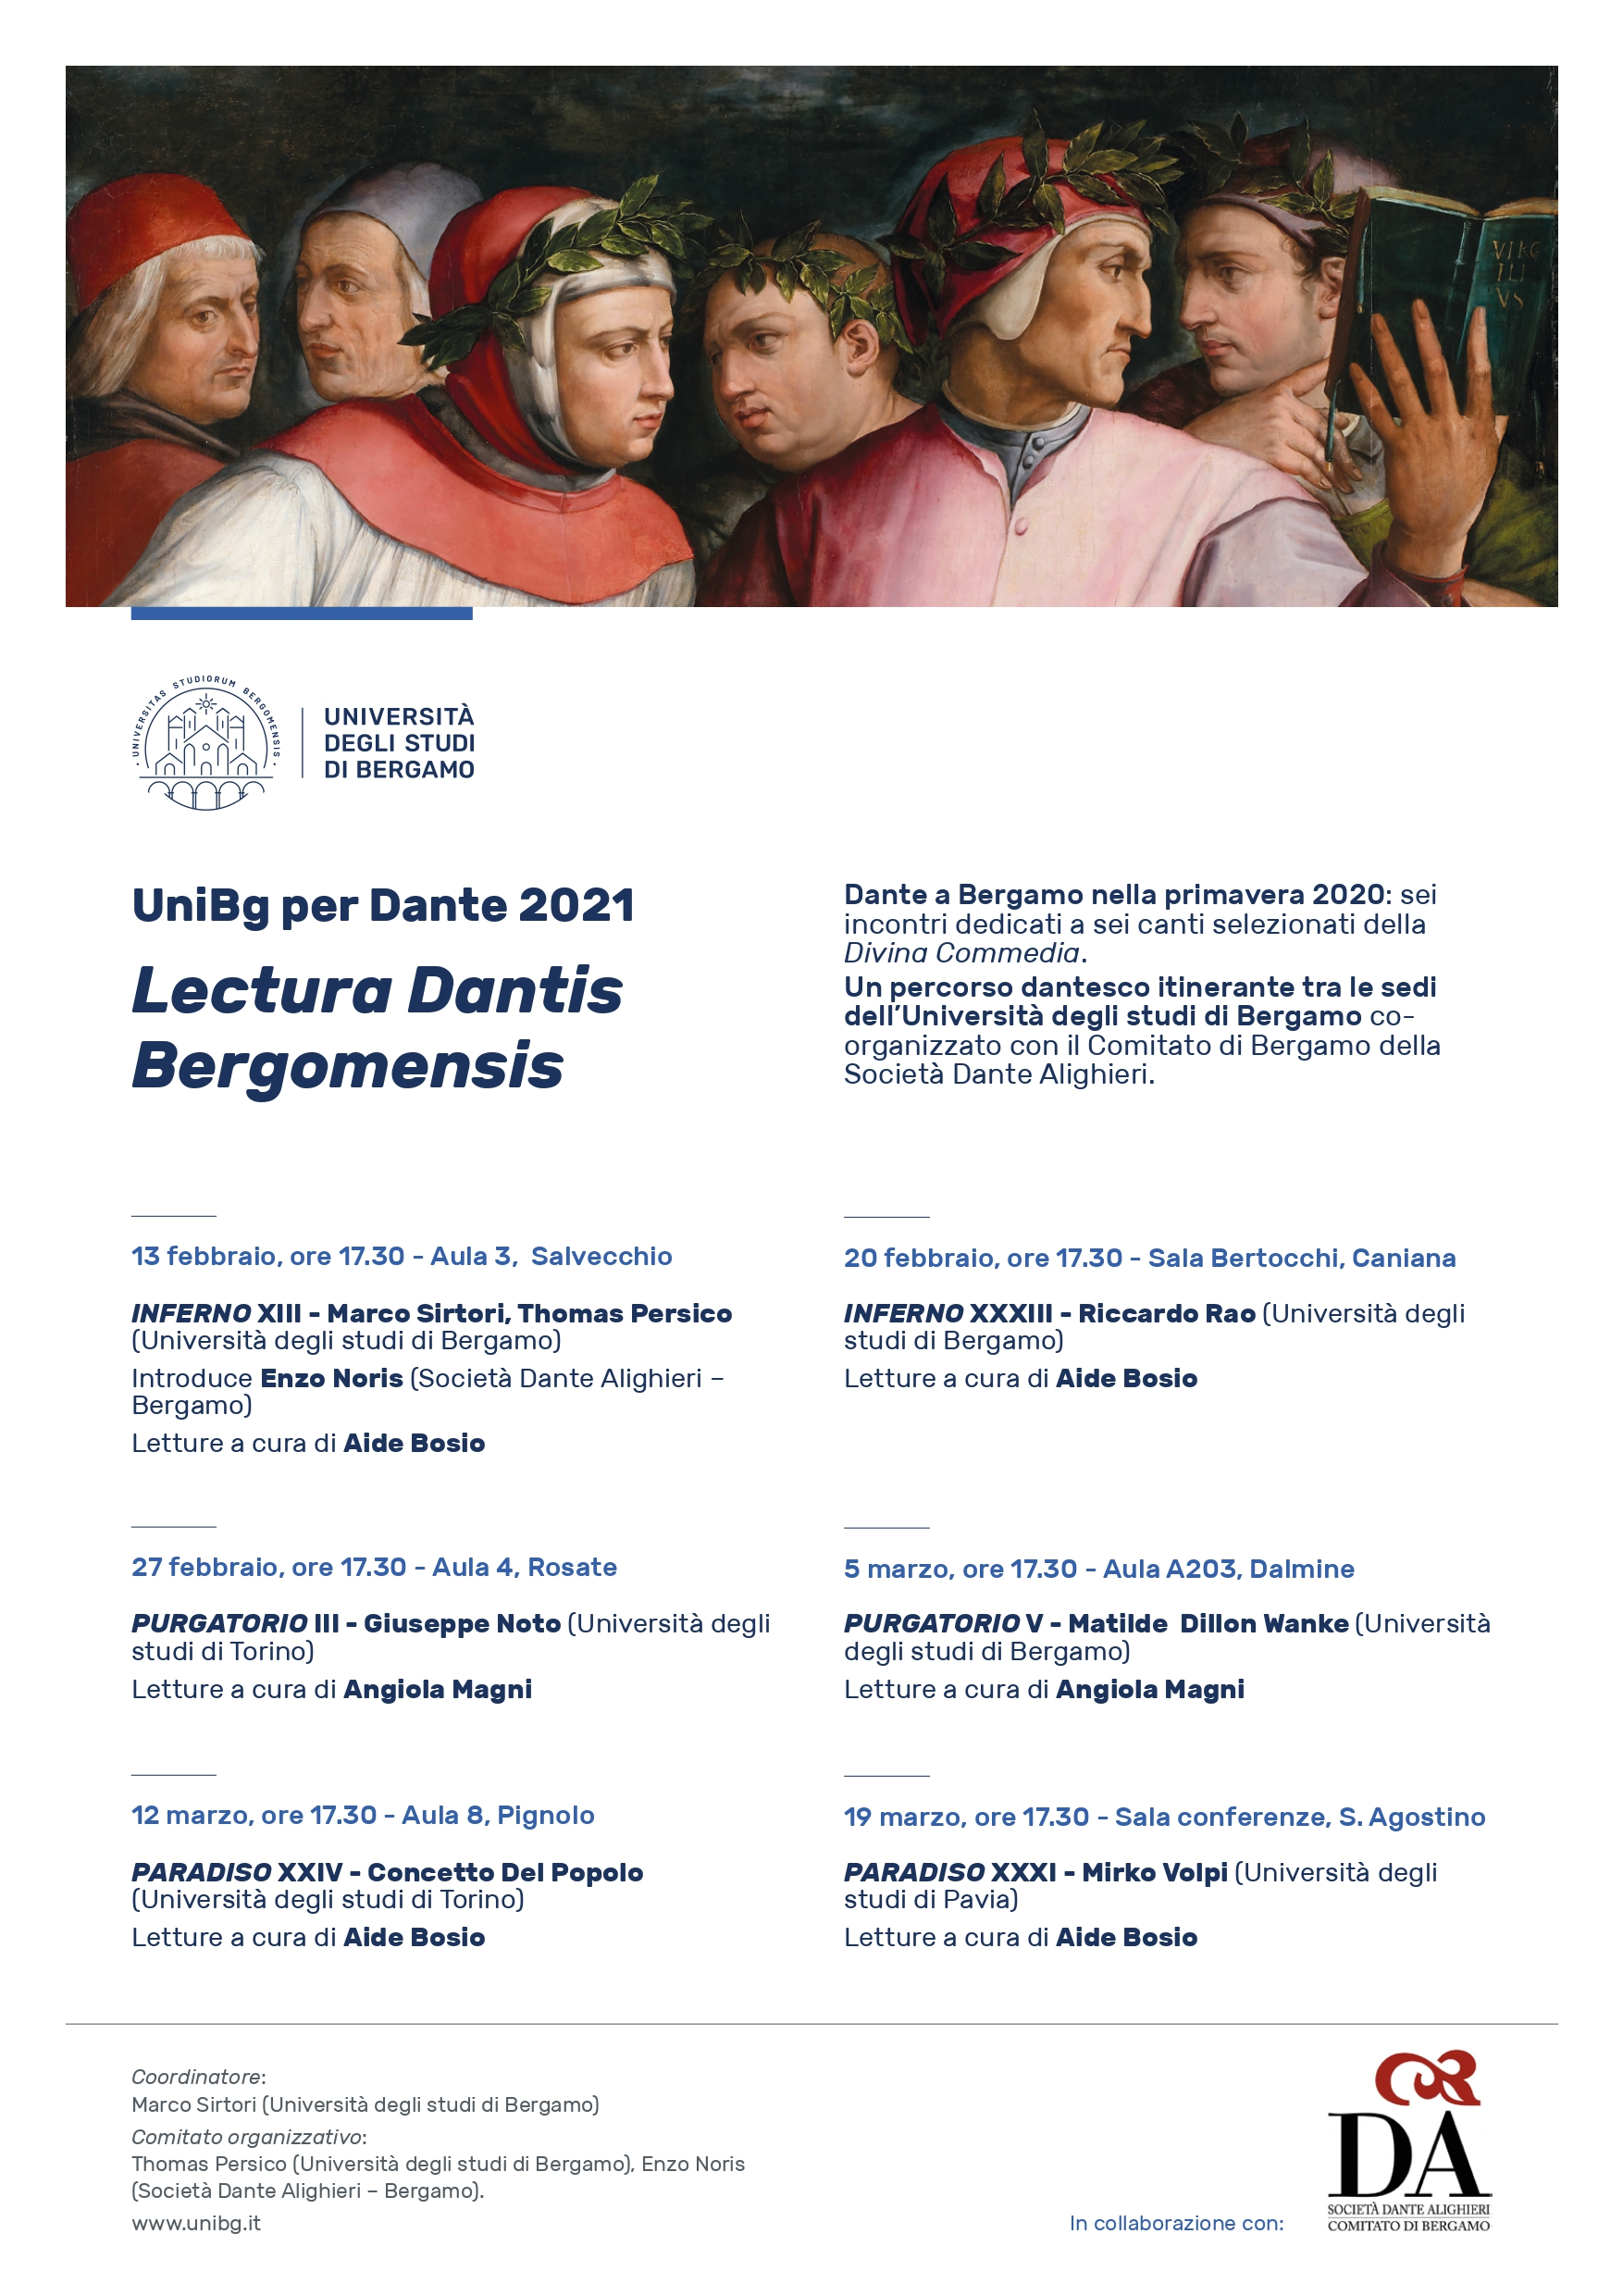 01-lectura dantis bergomensis_webA3_page-0001